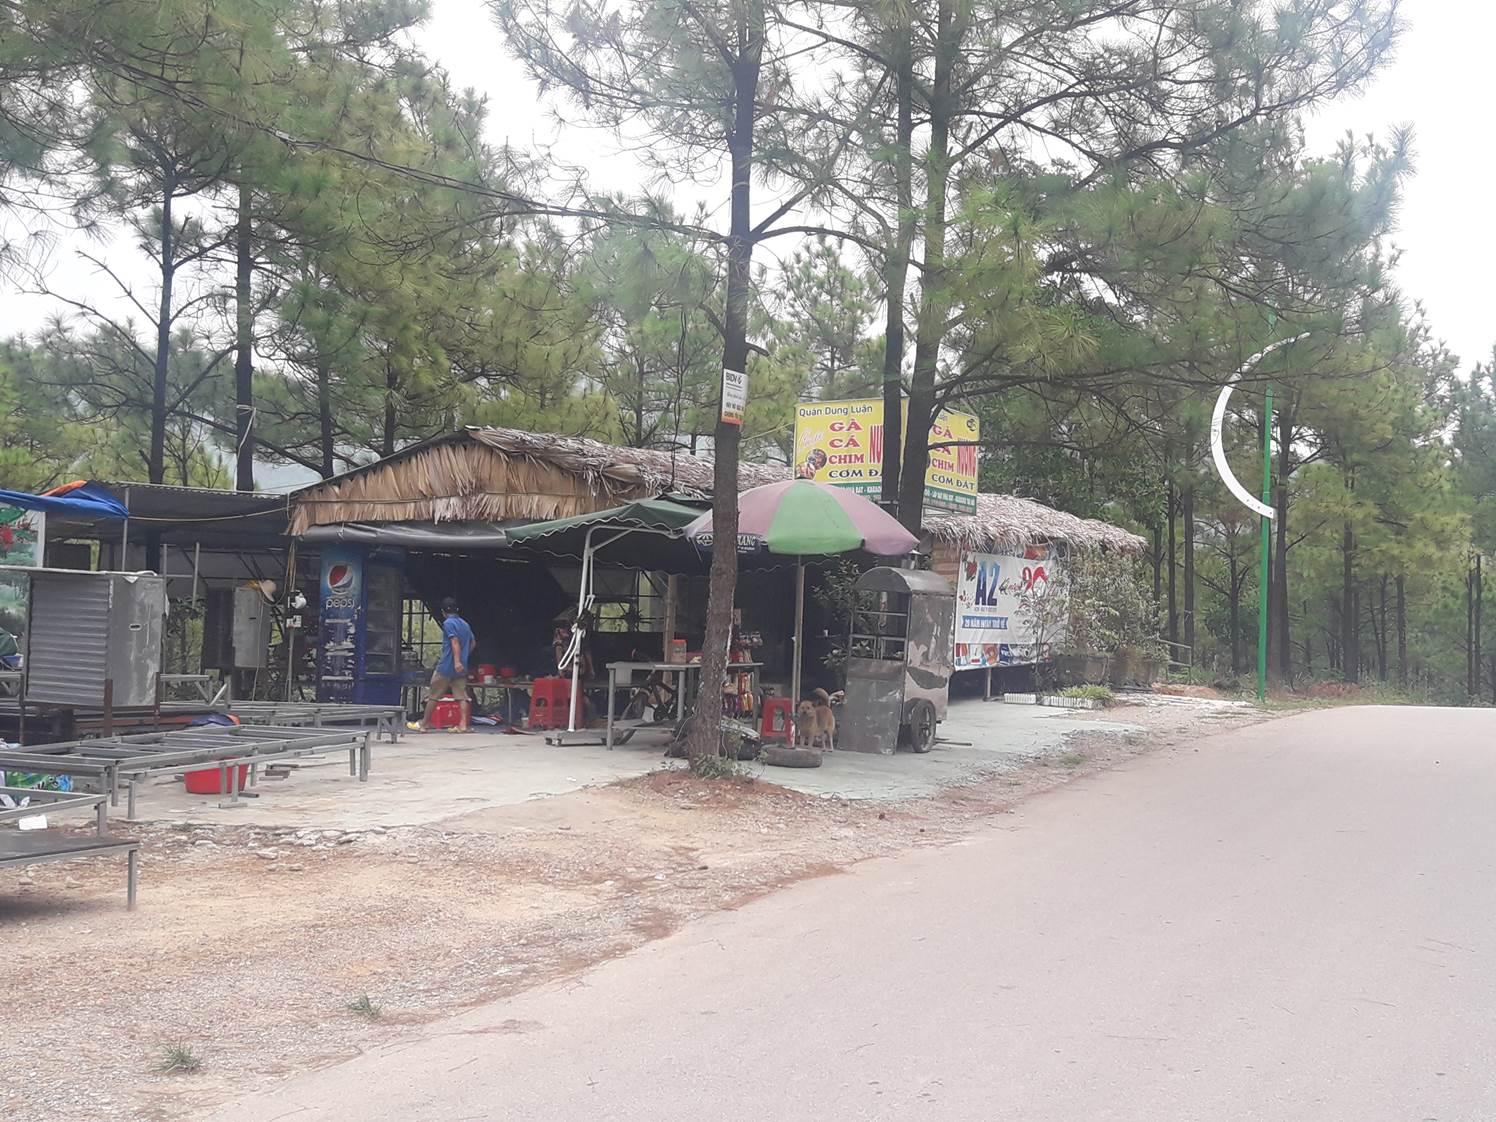 TP Uông Bí Quảng Ninh  Cần tăng cường quản lý tại khu vực hồ Yên Trung